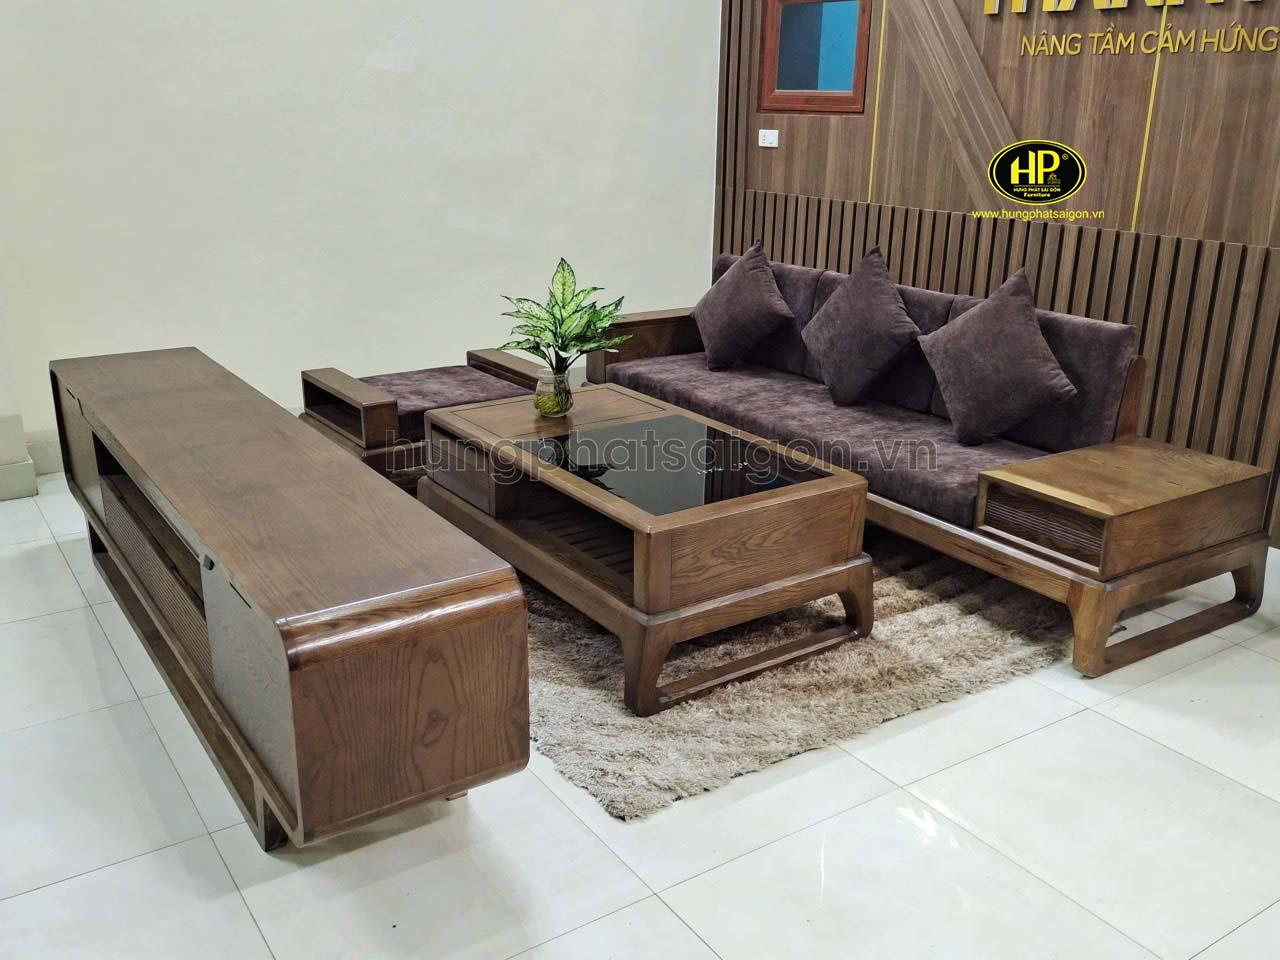 Ghế sofa gỗ sồi đơn giản sang trọng HS-12